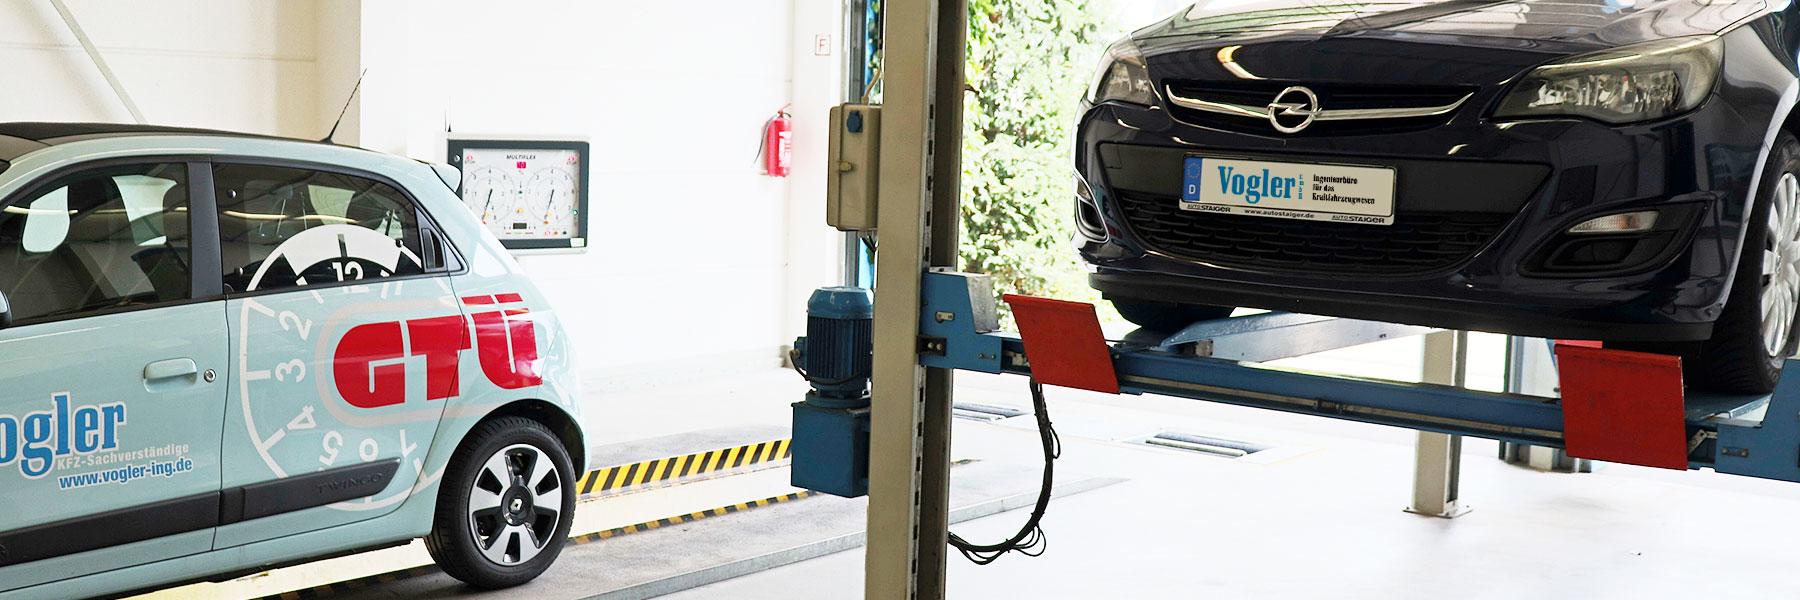 Amtliche Untersuchungen - Vogler GmbH - Ingenieurbüro für das Kraftfahrzeugwesen